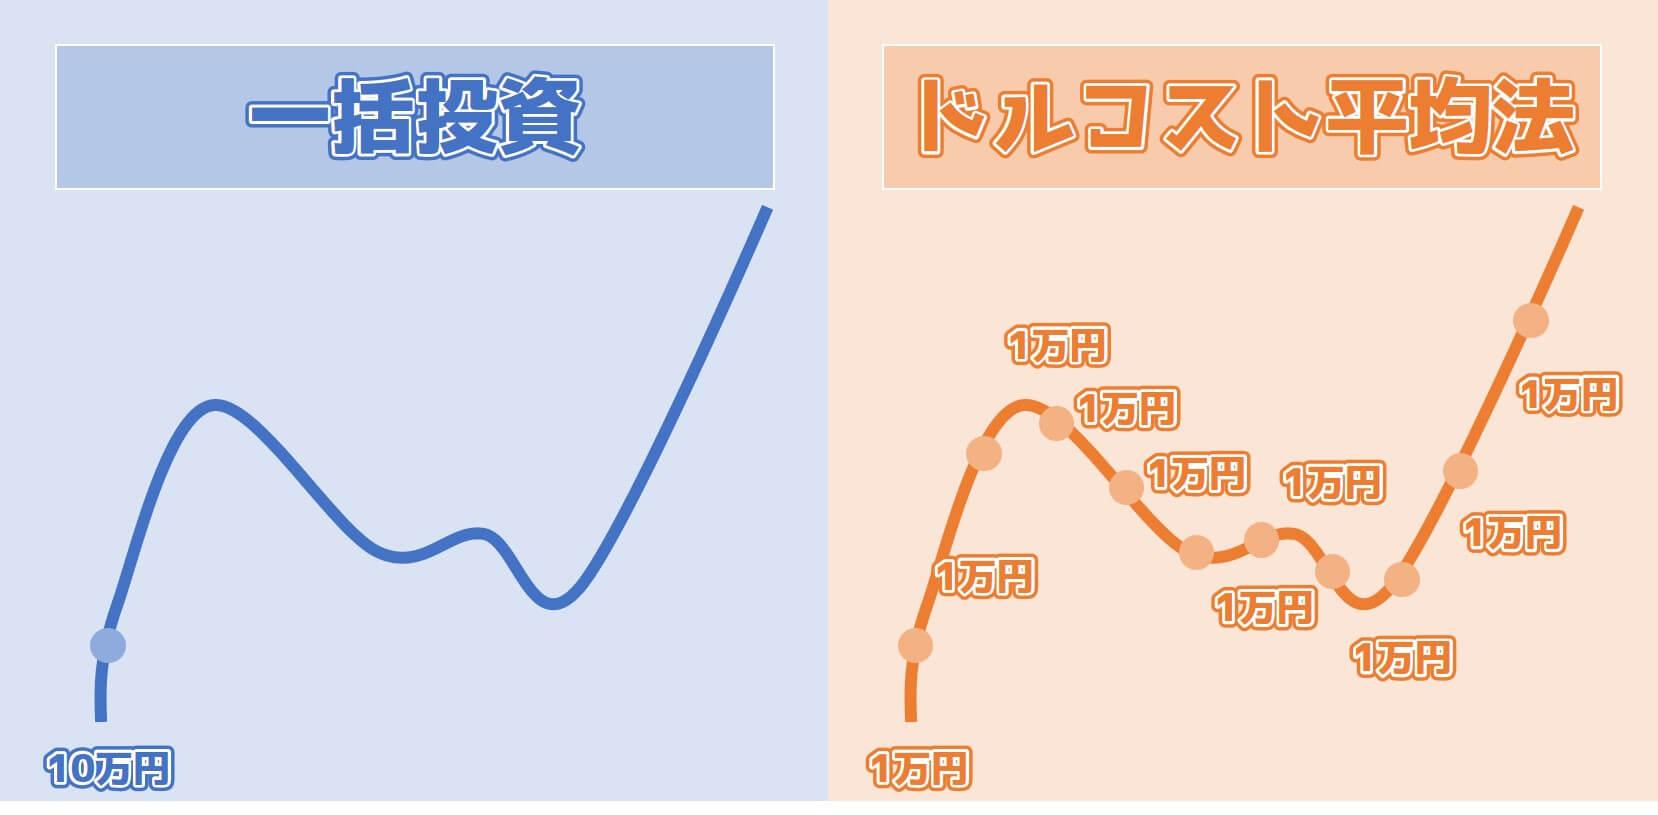 1万円ずつ1か月ごとに投資する手法